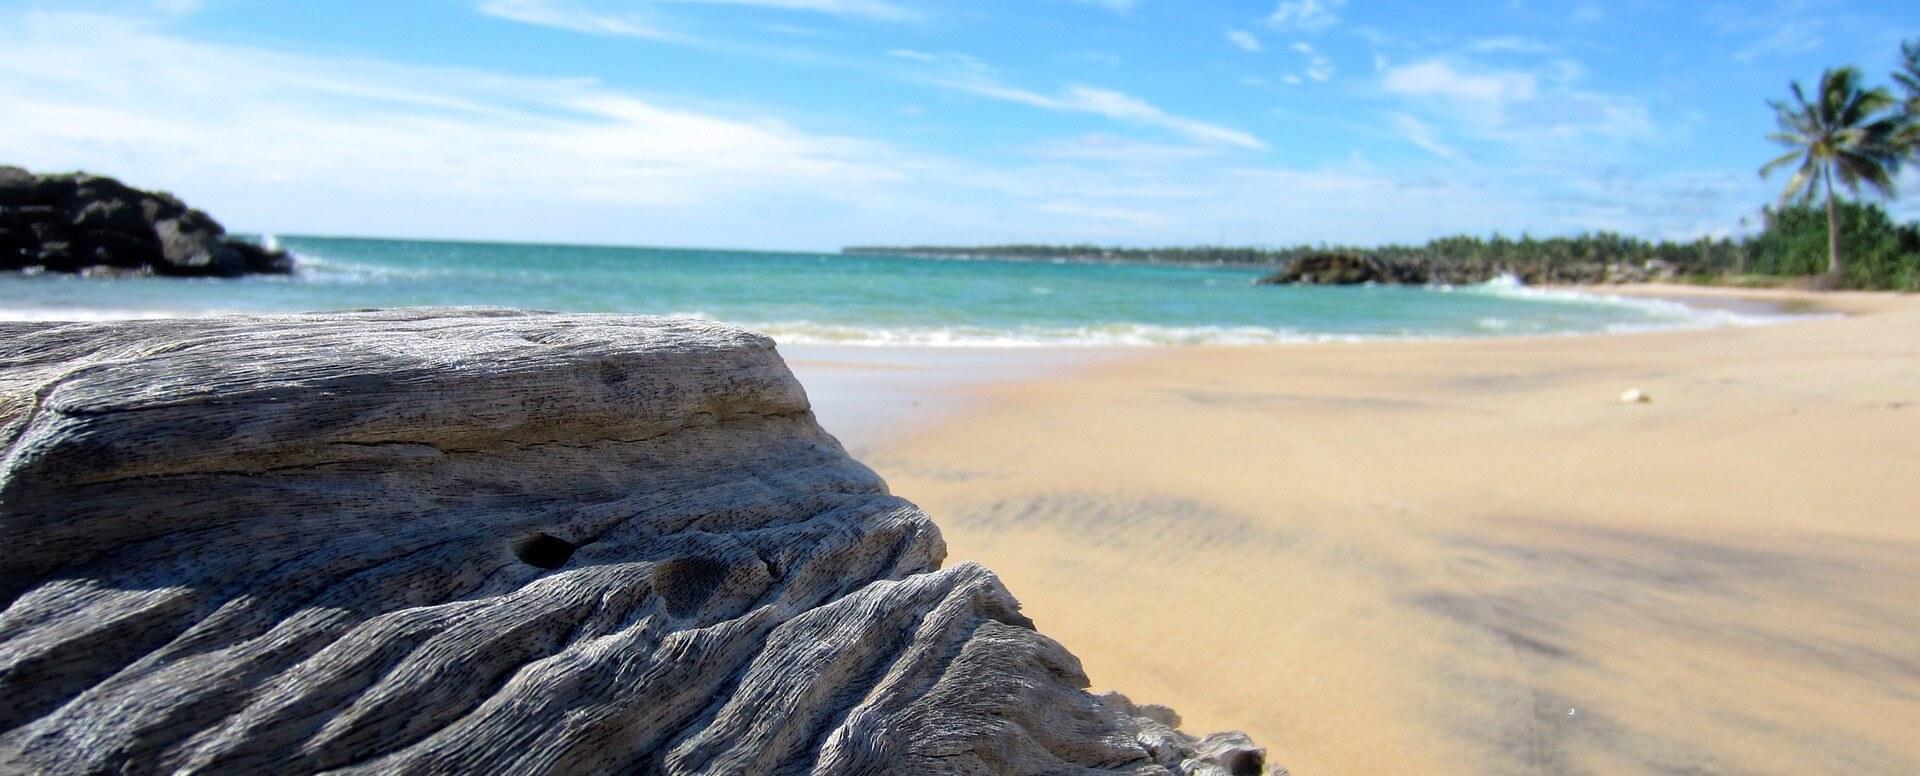 6. S'accorder des moments de farniente sur une magnifique plage - Sri Lanka